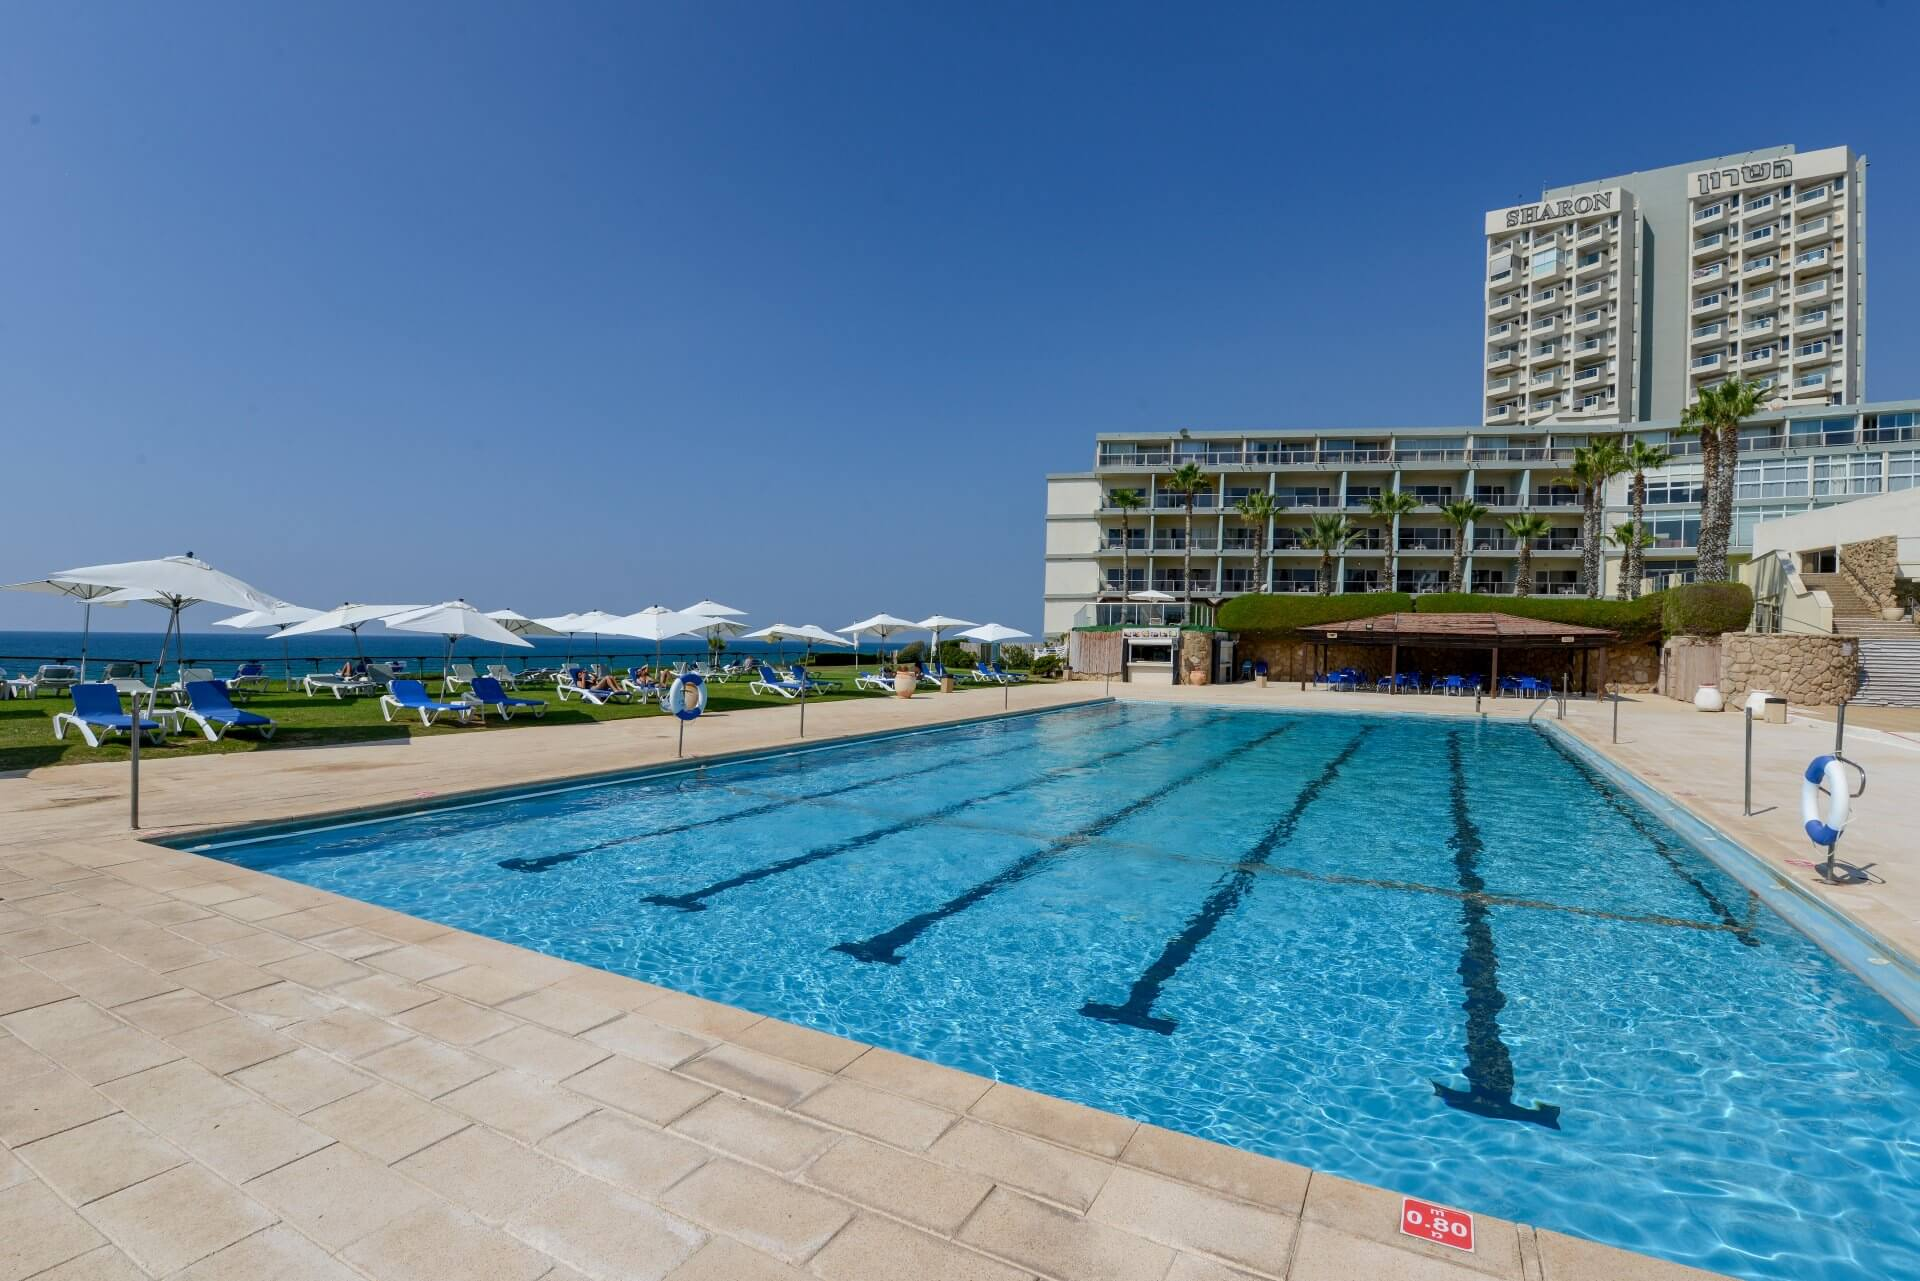 מלון באזור המרכז – מה הופך את מלון השרון לבחירה הטובה ביותר?